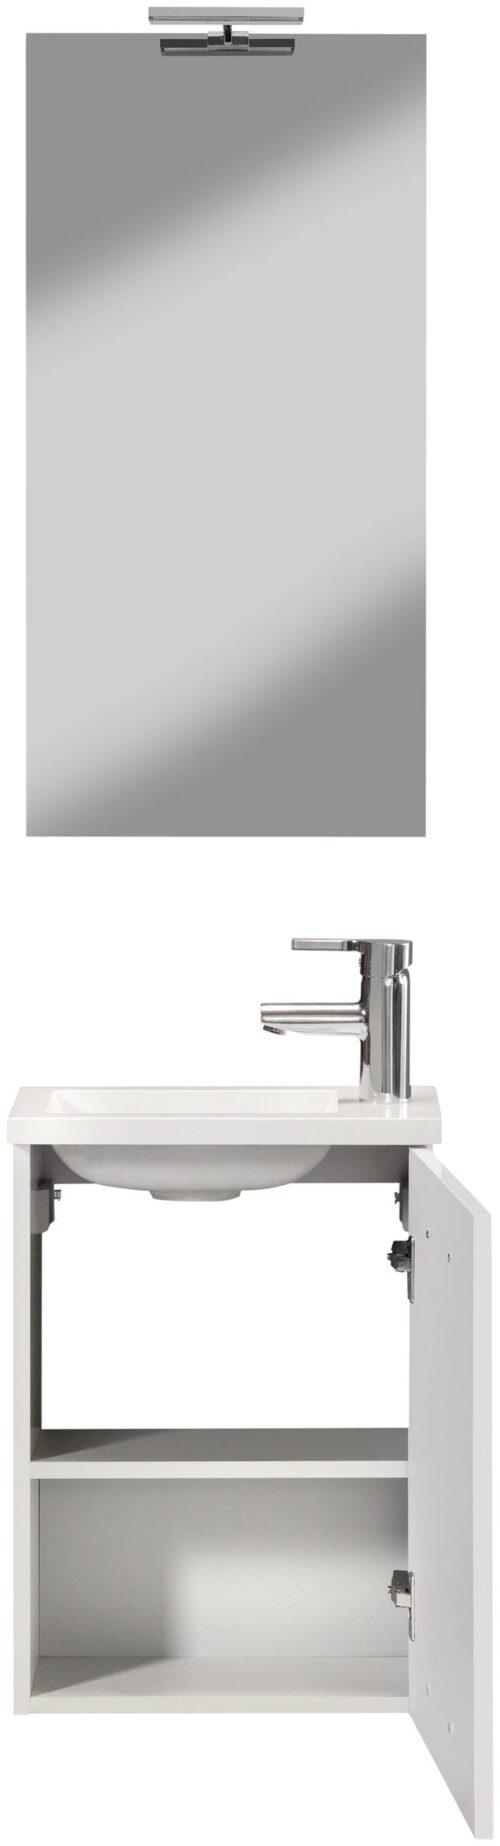 CYGNUS BATH Badmöbel-Set MICRO Gästebad B 40cm 3-tlg. B24824262 ehemalige UVP 399,99€ | 24824262 2